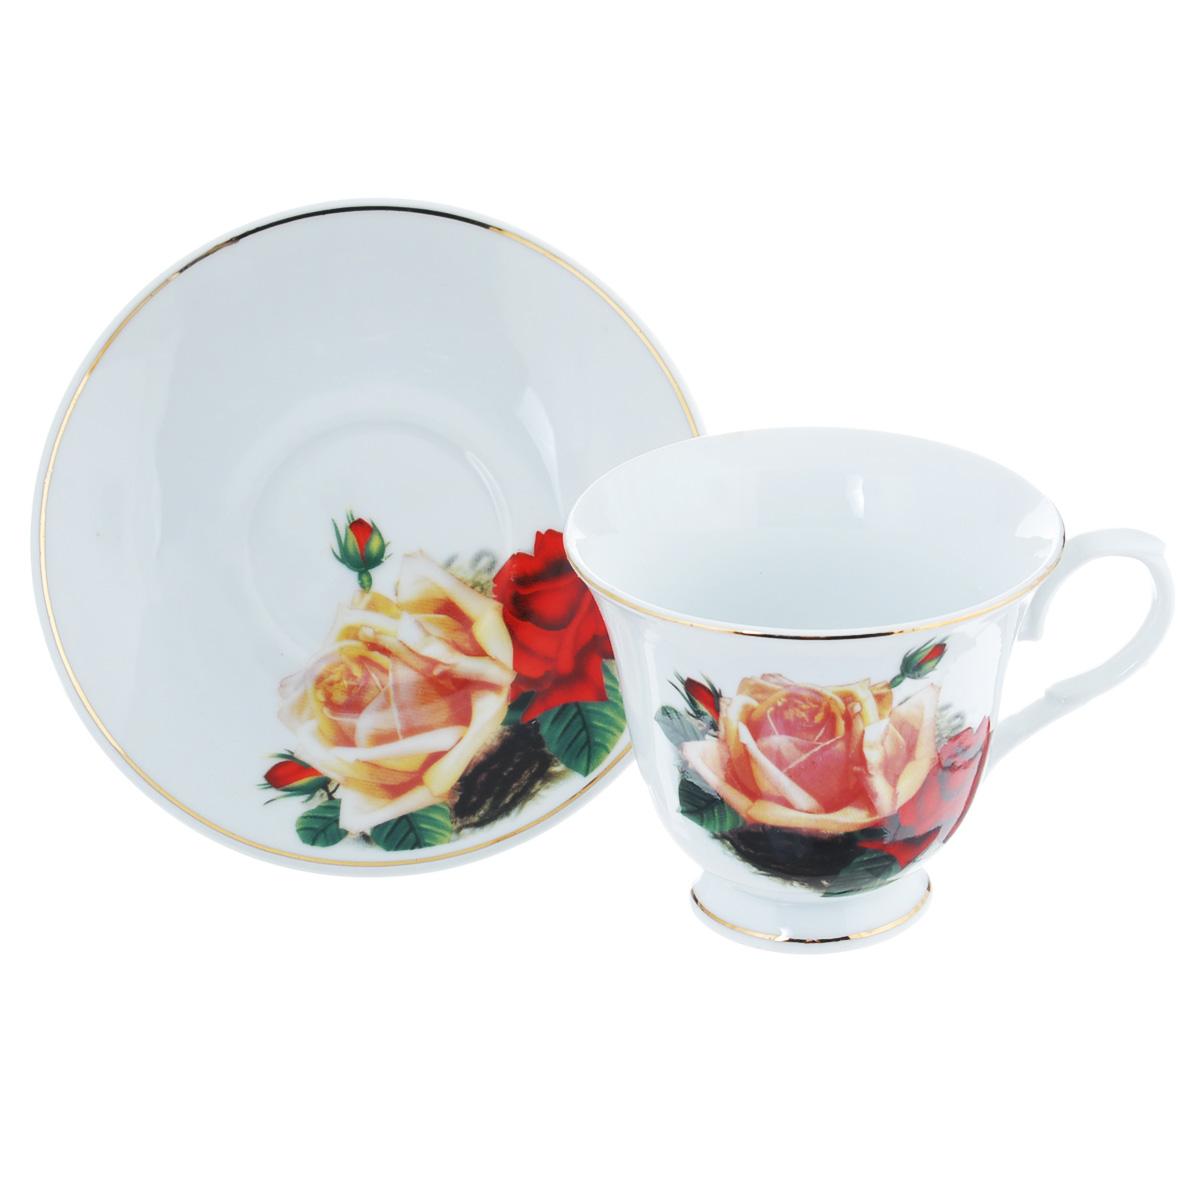 Чайная пара Lillo Поллианна, 2 предметаLIL 91032Чайная пара Lillo Поллианна сочетает в себе изысканный дизайн с максимальной функциональностью. Чашка с блюдцем выполнены из высококачественного фарфора и декорированы золотистой эмалью и цветочным принтом. Оформление придется по вкусу и ценителям классики, и тем, кто предпочитает утонченность и изысканность. Такая чайная пара станет отличным сувениром для ваших друзей и близких.Набор упакован в подарочную коробку, перевязанную атласной лентой.Не рекомендуется использовать в посудомоечной машине и микроволновой печи. Диаметр чашки по верхнему краю: 9,5 см.Высота чашки: 8 см.Объем чашки: 200 мл.Диаметр блюдца: 13,5 см.